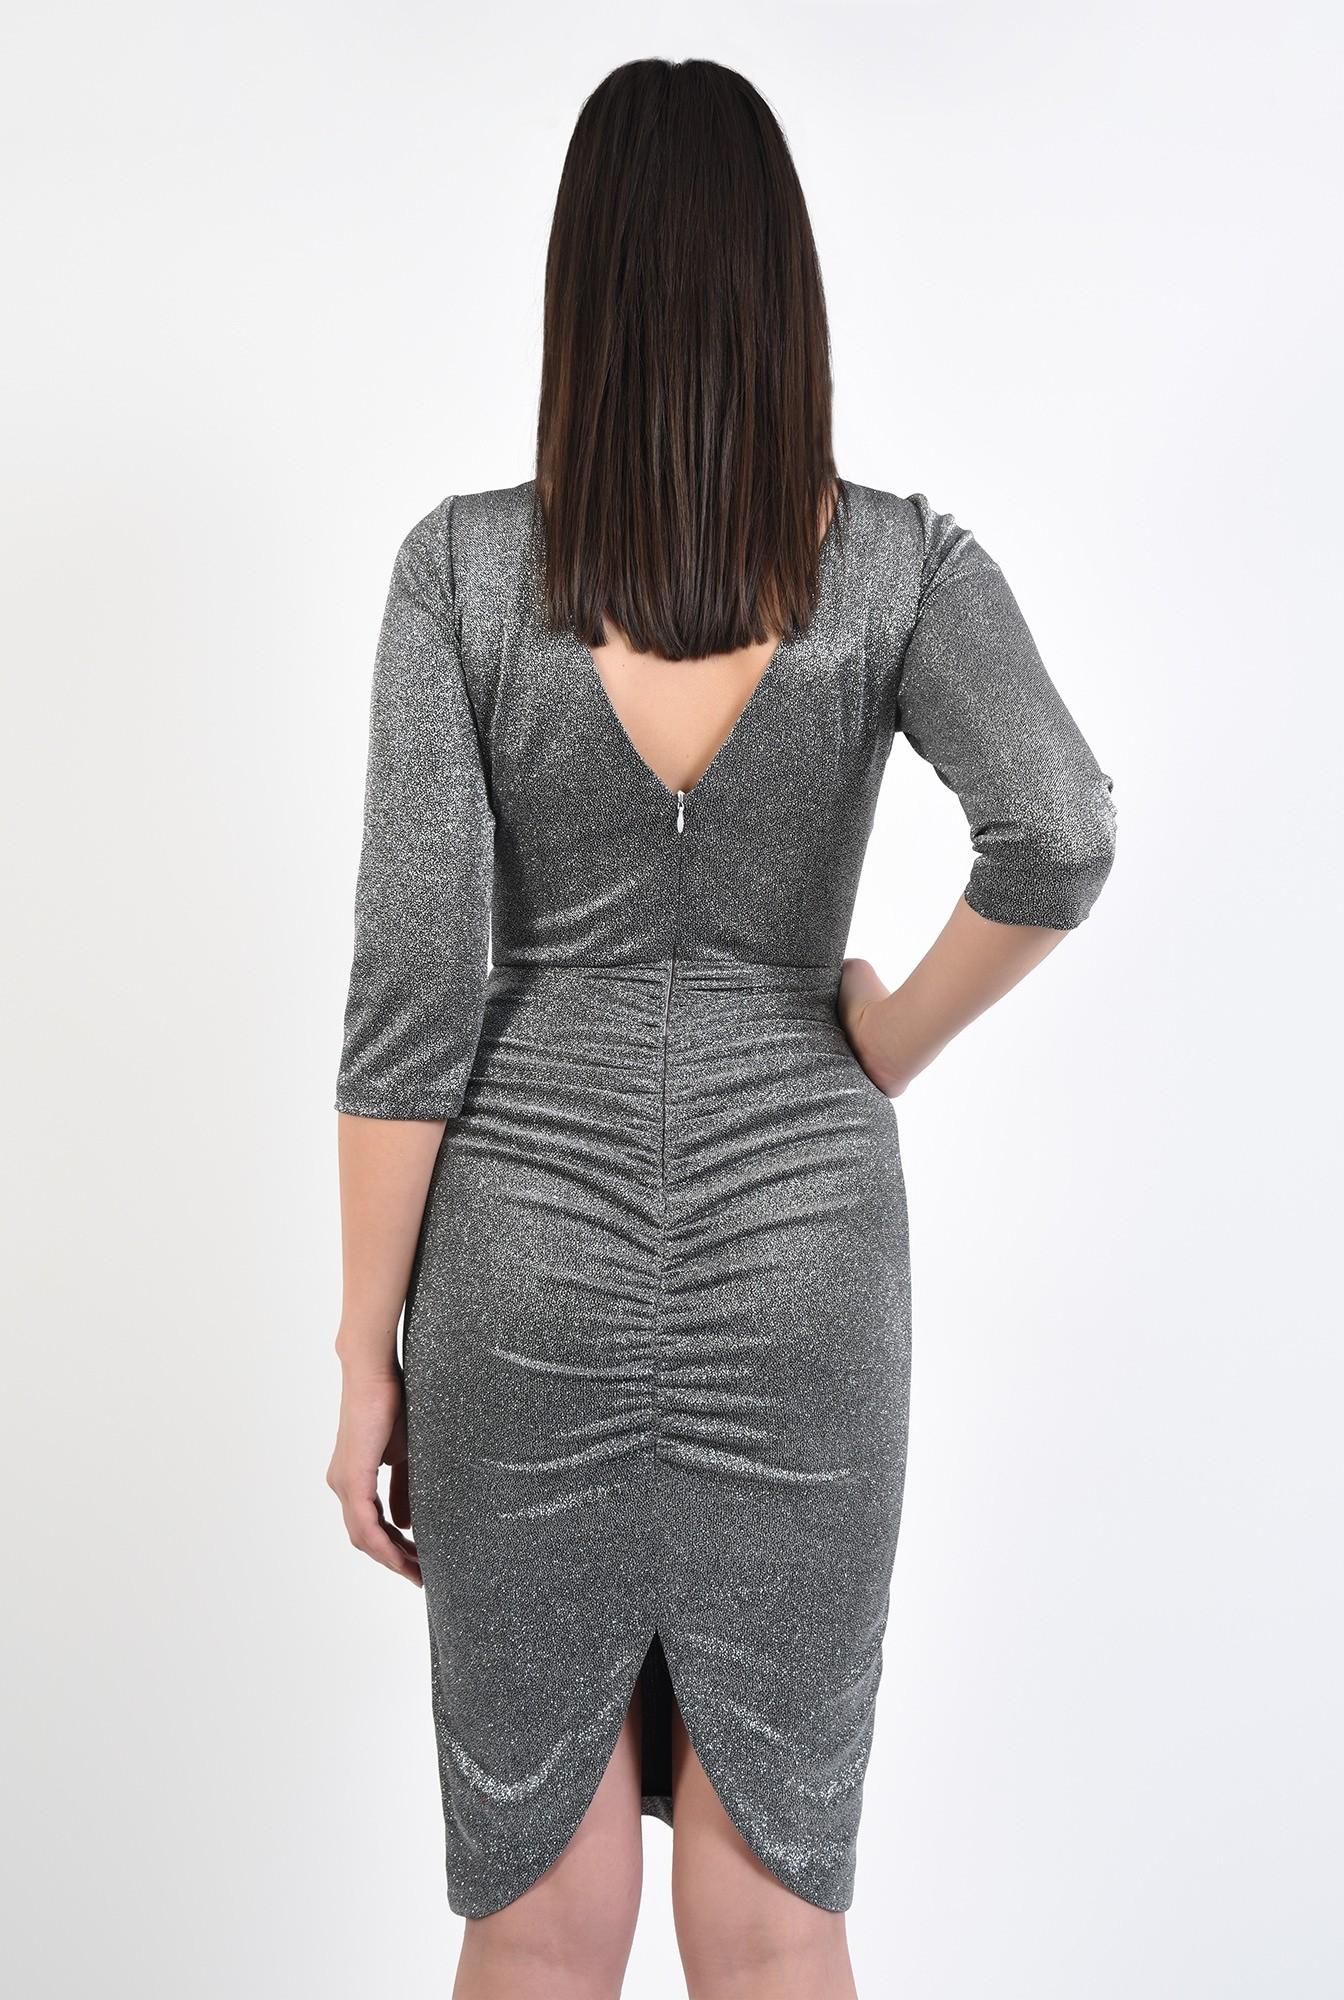 1 - rochie midi, conica, stretch, cu fronseuri la spate, spate decupat